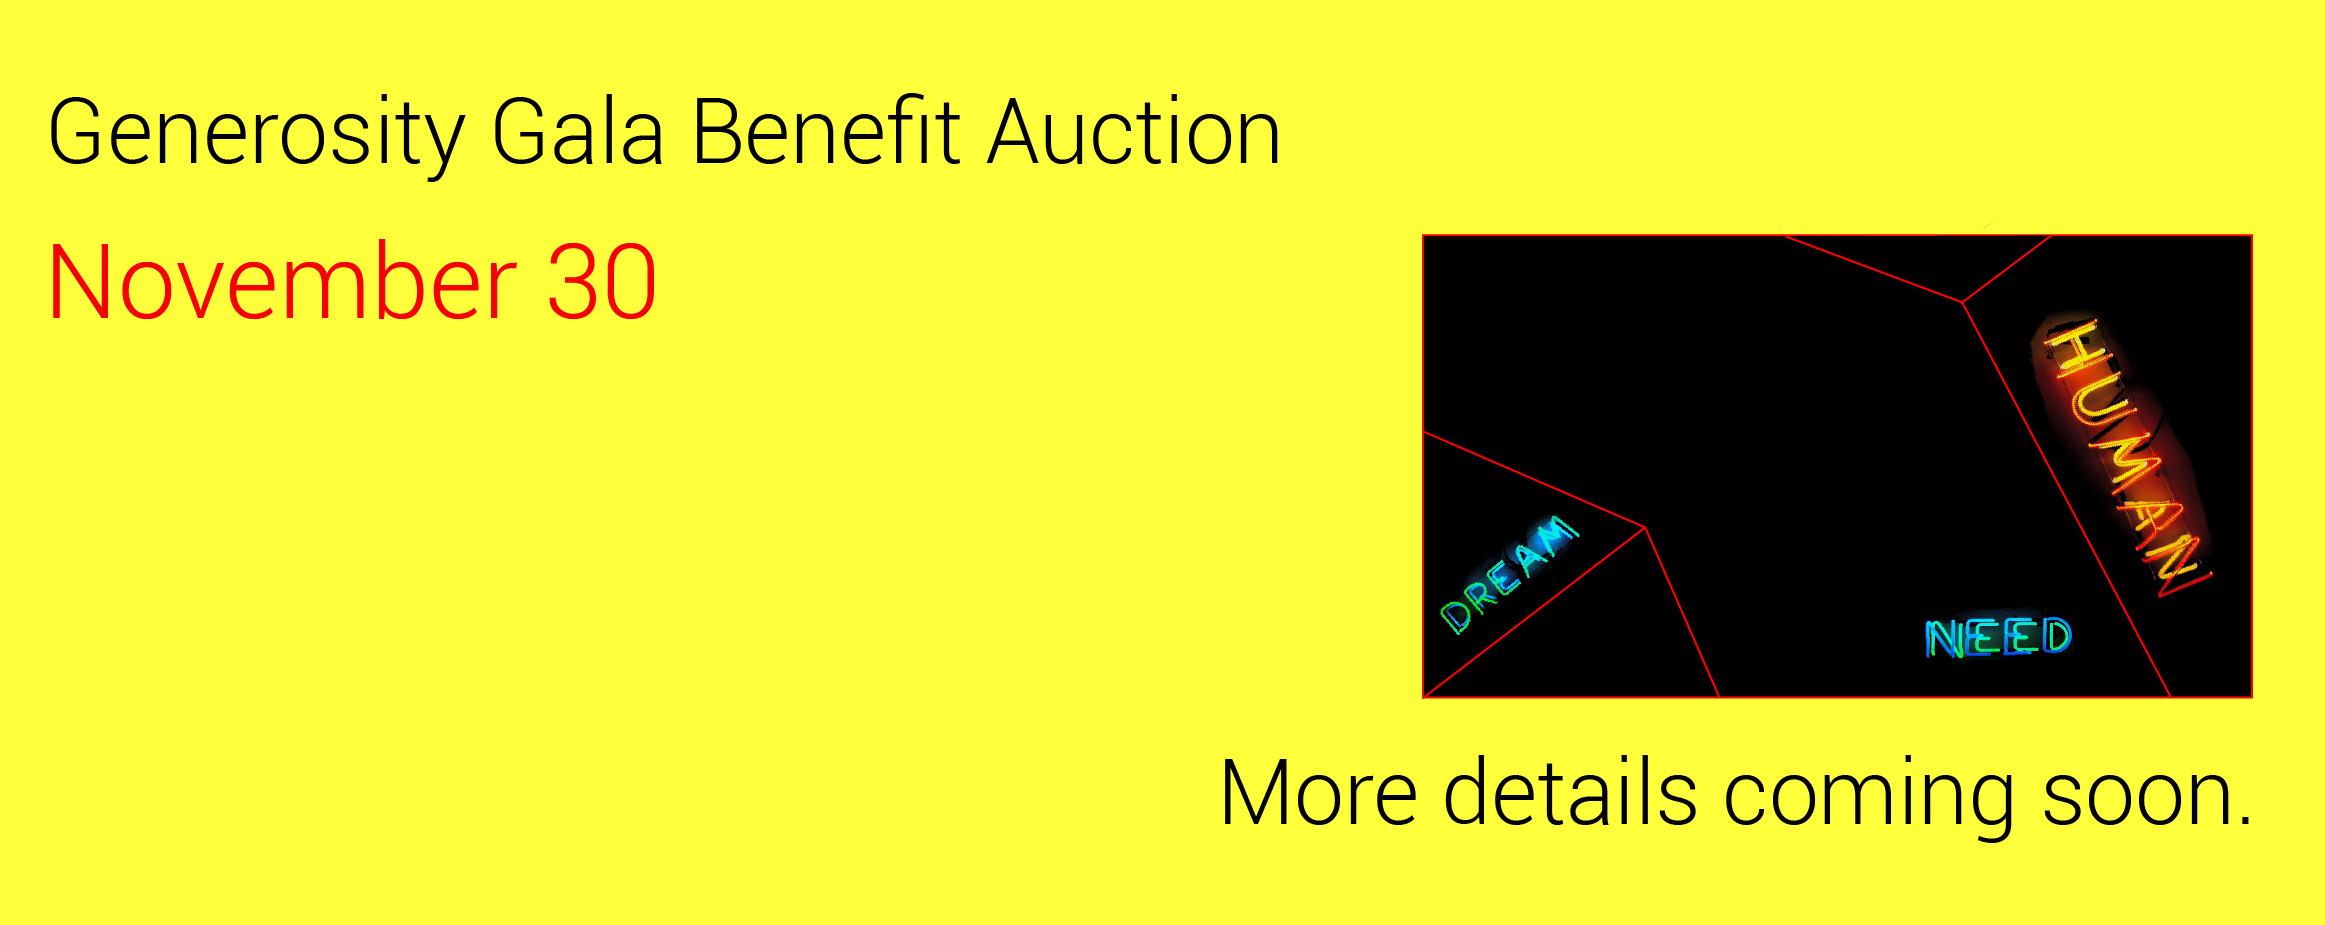 benefit auction